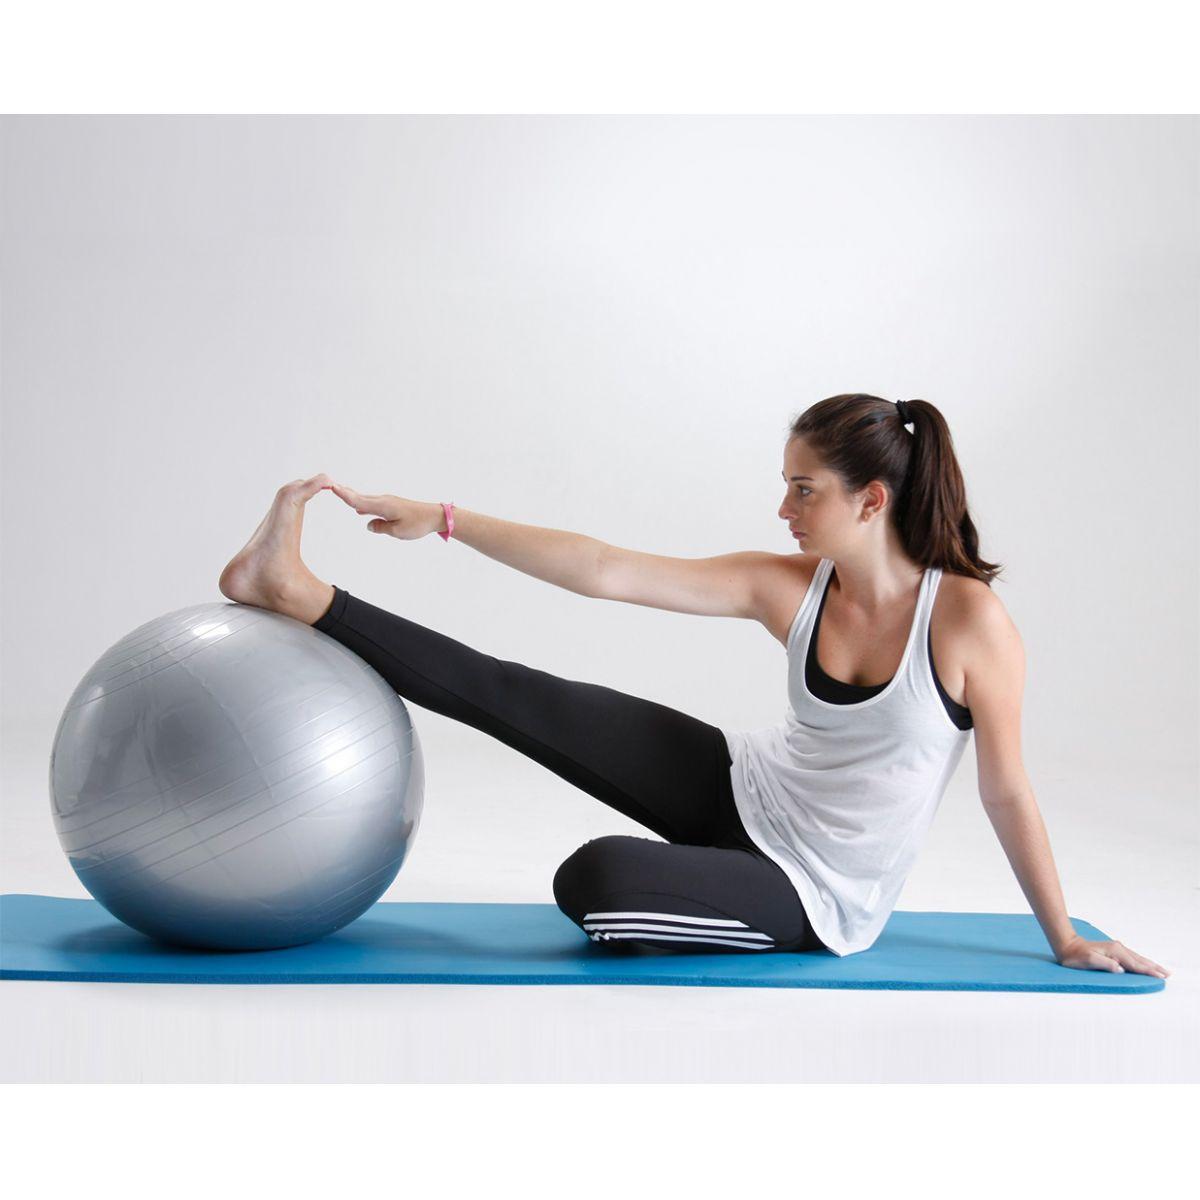 Bola para Ginástica 65 cm Carci Prata - Fisioterapia, Pilates e Fitness